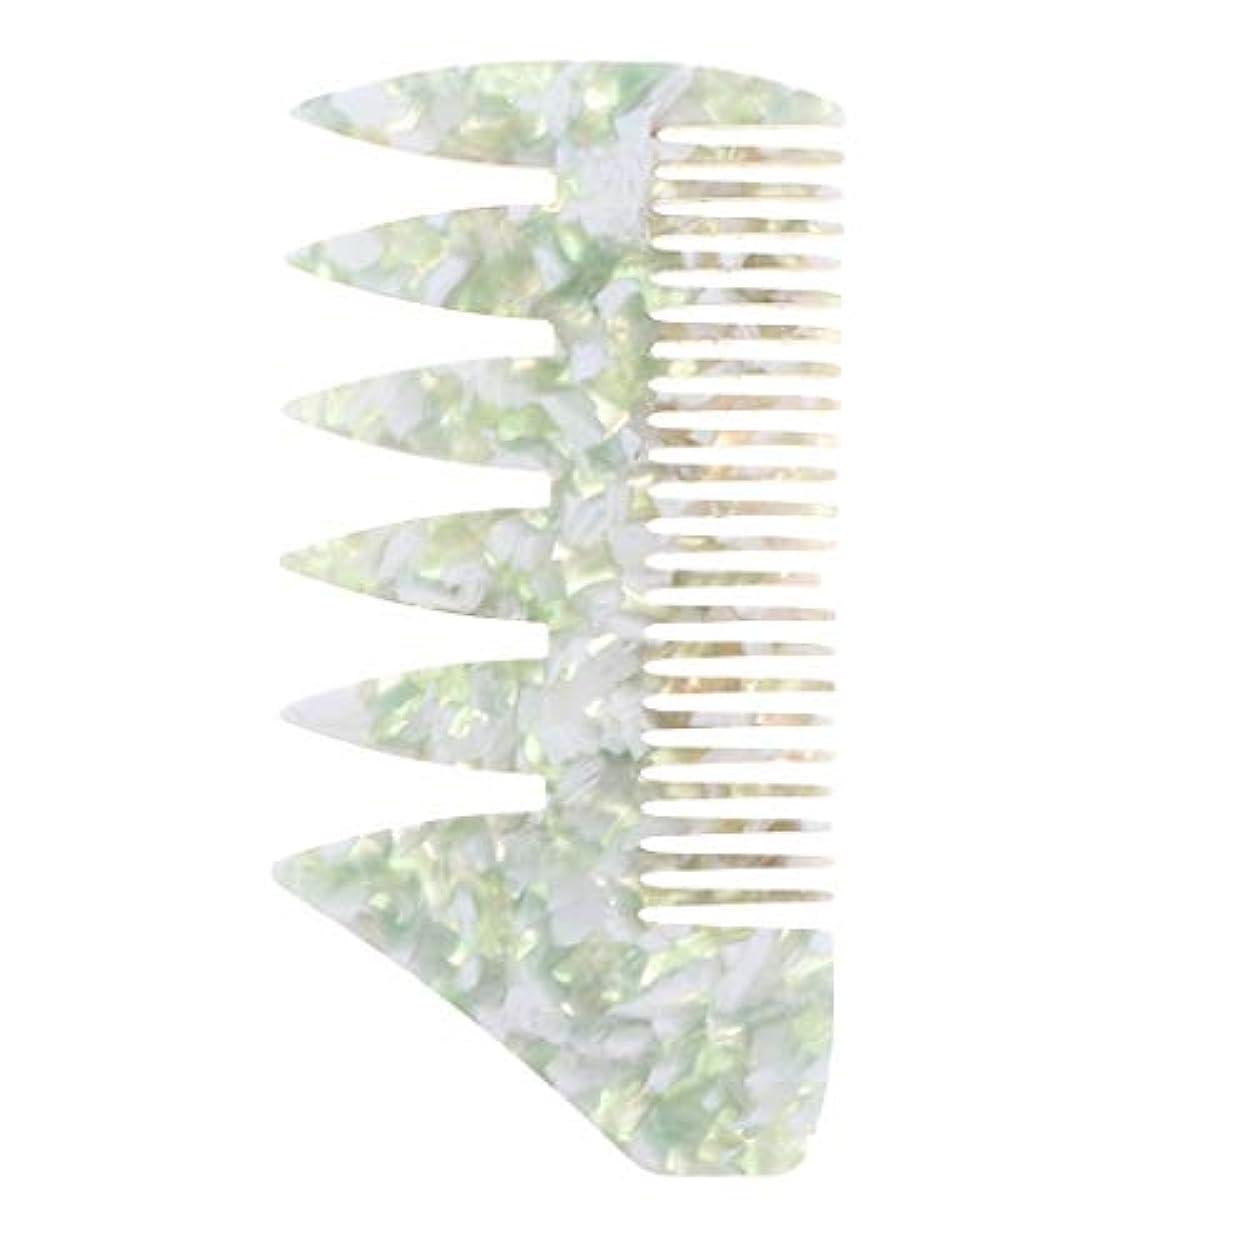 接触にんじんやりがいのある男性 ヘアピックコーム サロン 広い歯 ヘアスタイリングコーム 全4色 - 緑